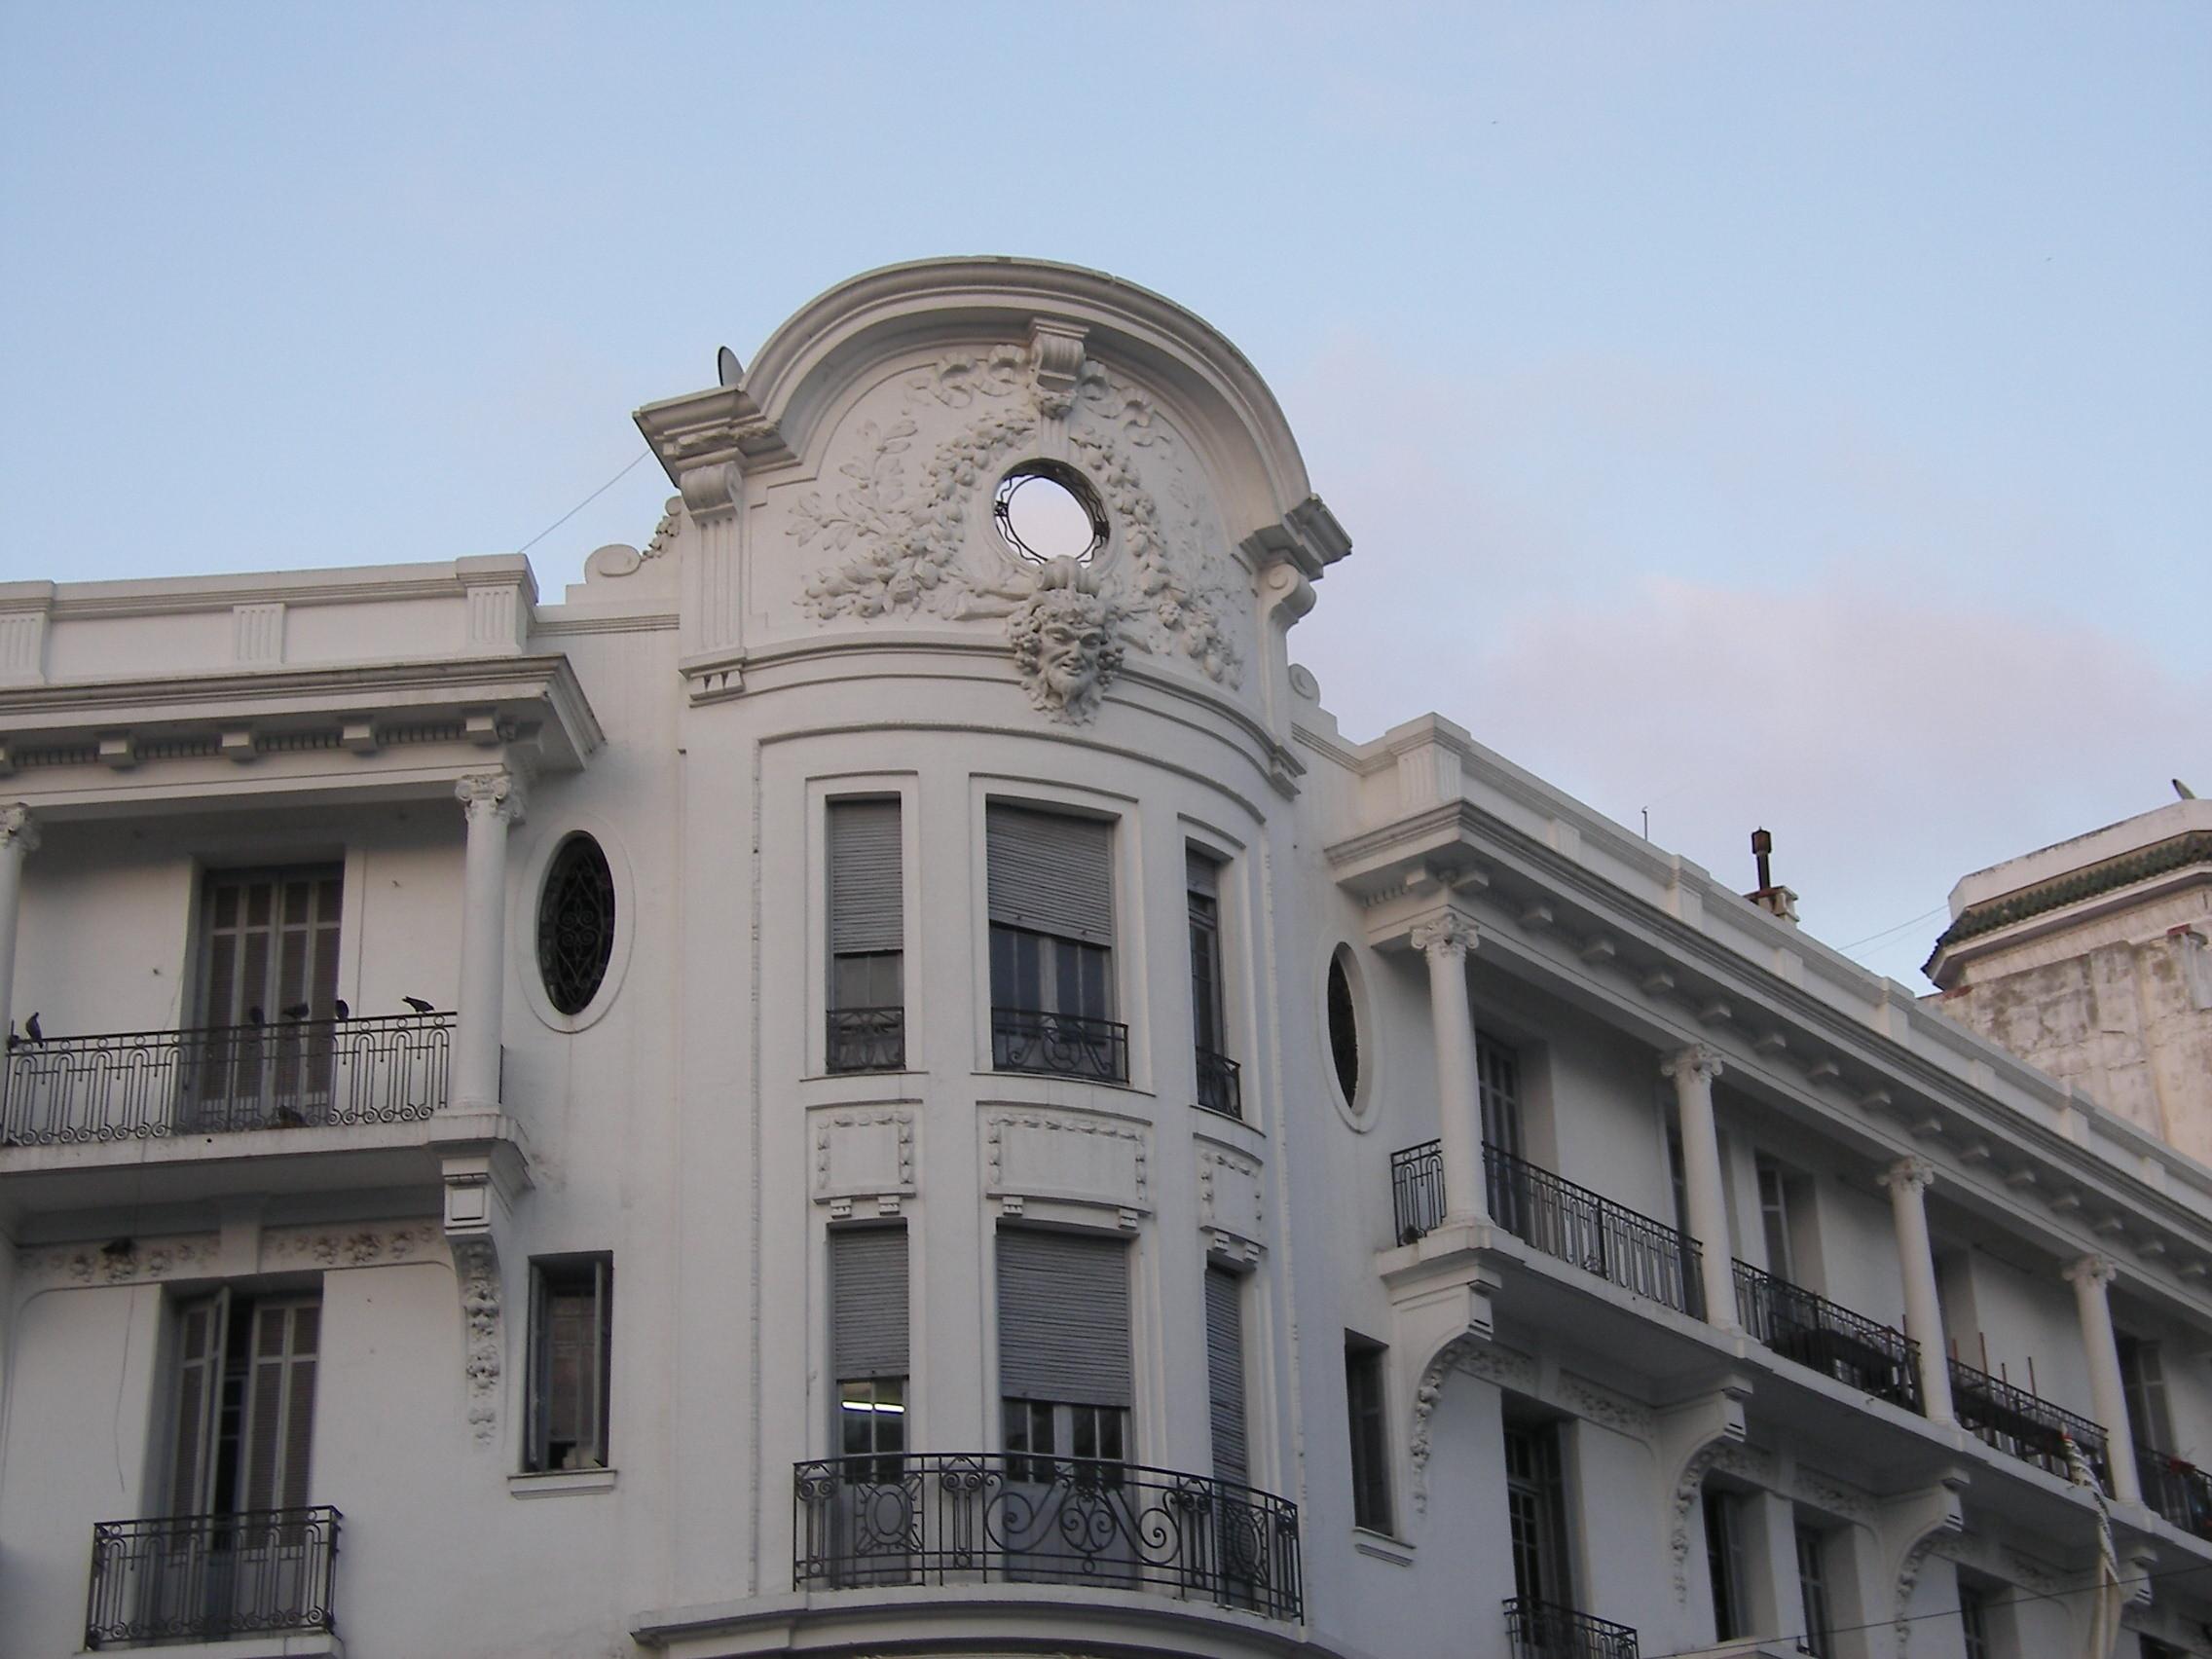 Casa neo-klassiek